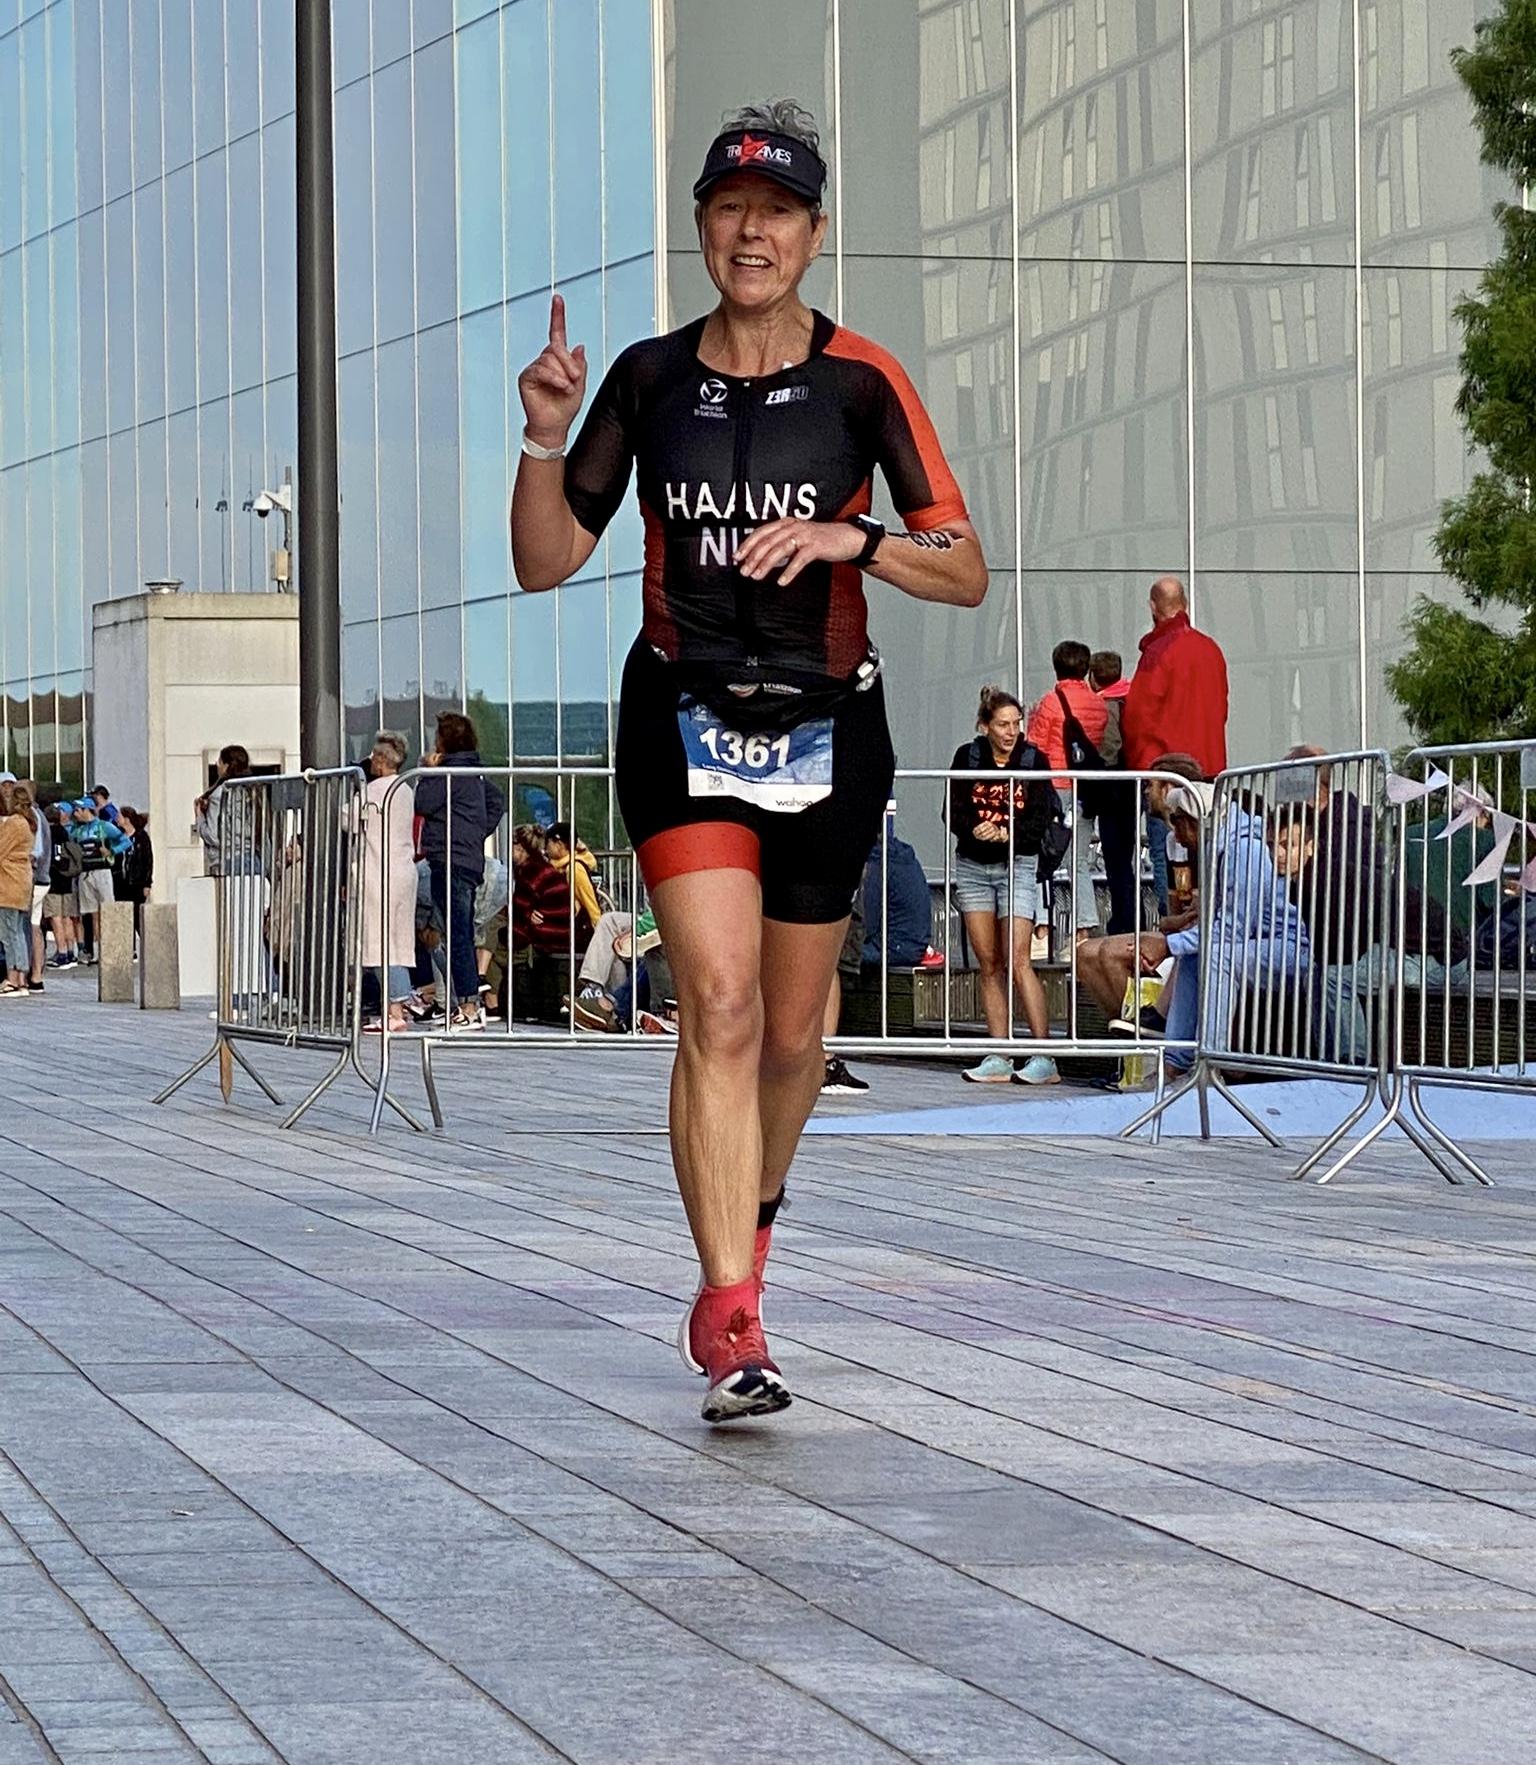 Monique Haans loopt tijdens het onderdeel marathon bij het WK door Almere.